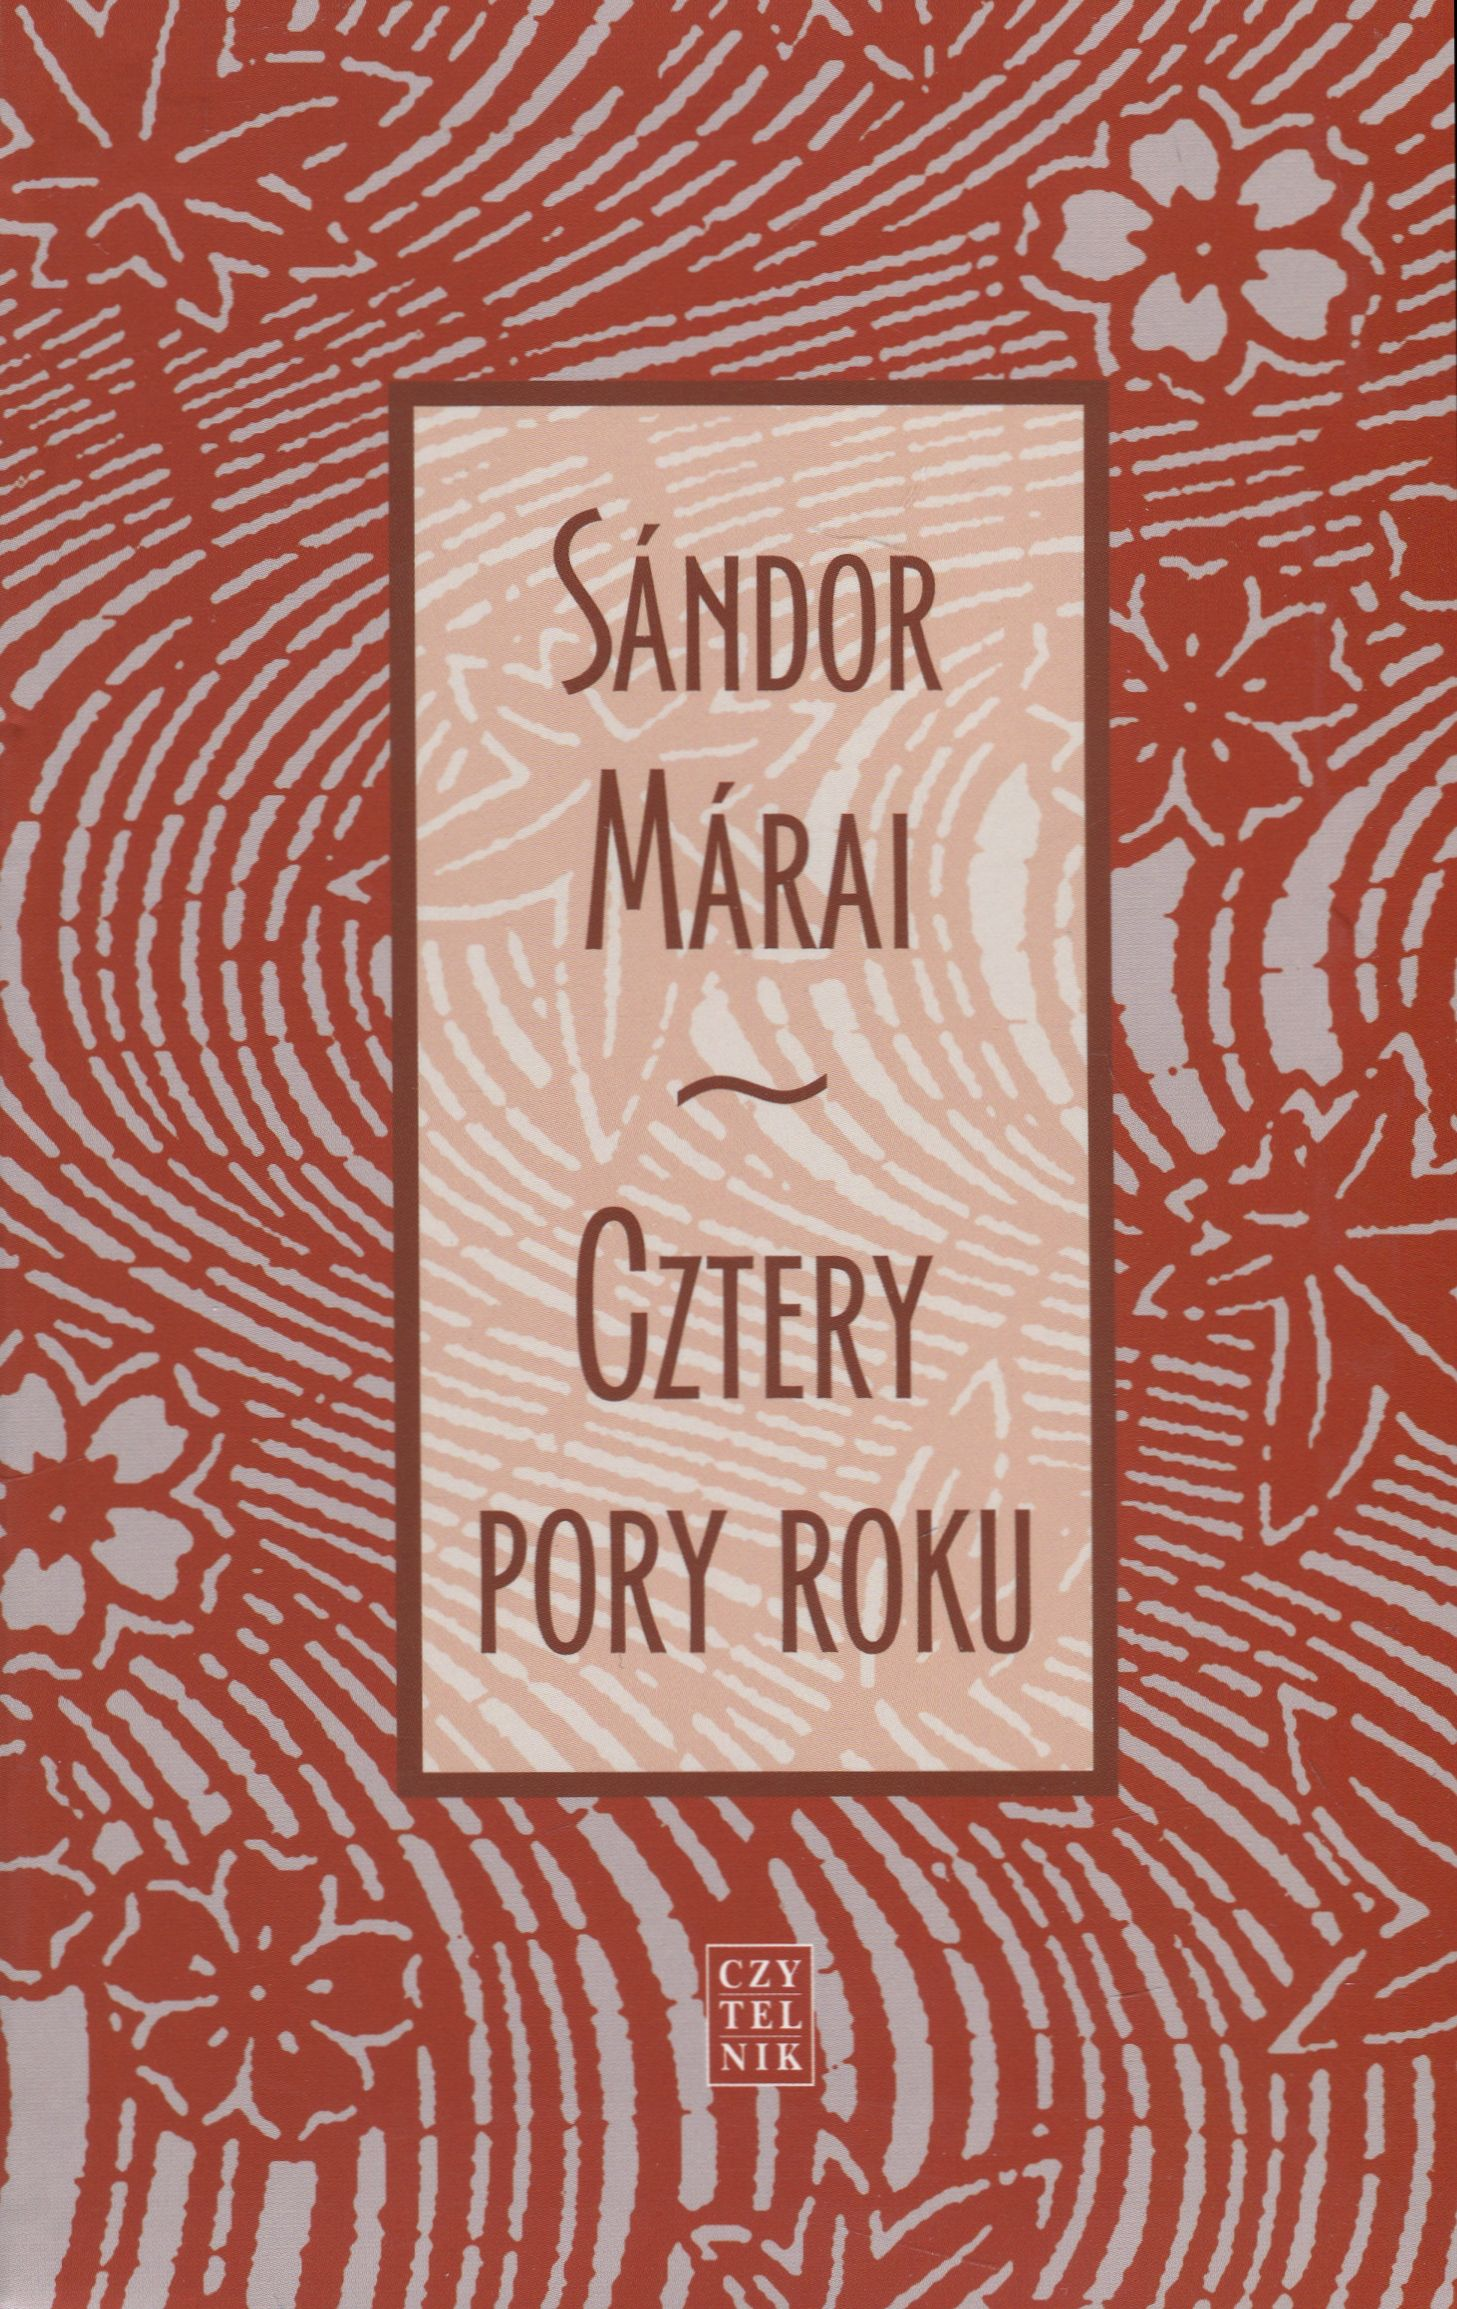 Sándor Márai – Cztery pory roku